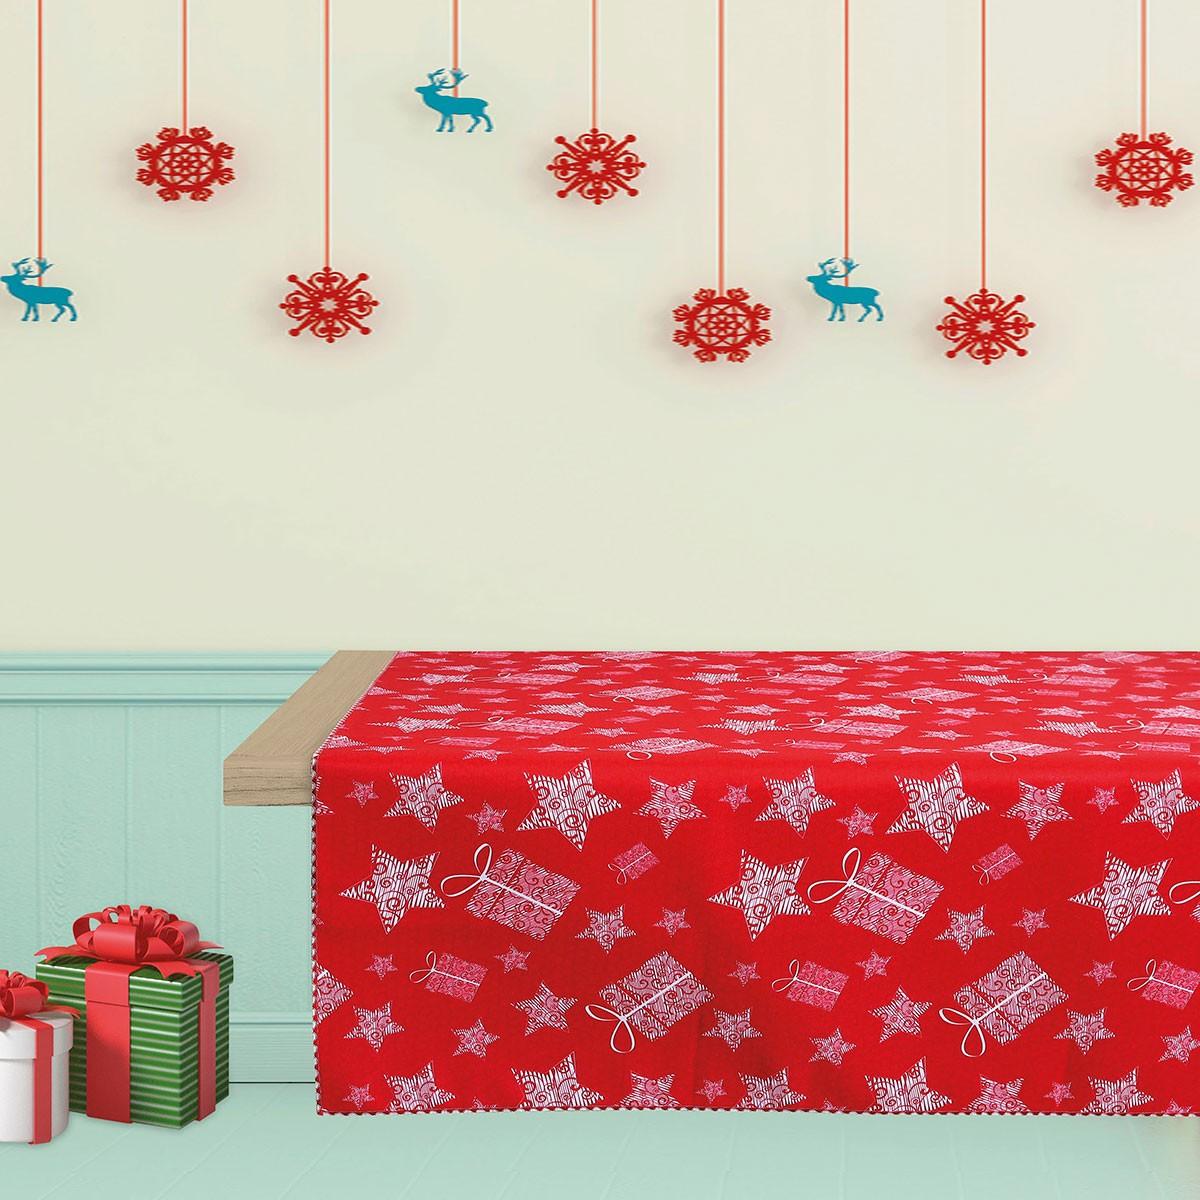 Χριστουγεννιάτικο Τραπεζομάντηλο (140×180) Das Home Kitchen 534